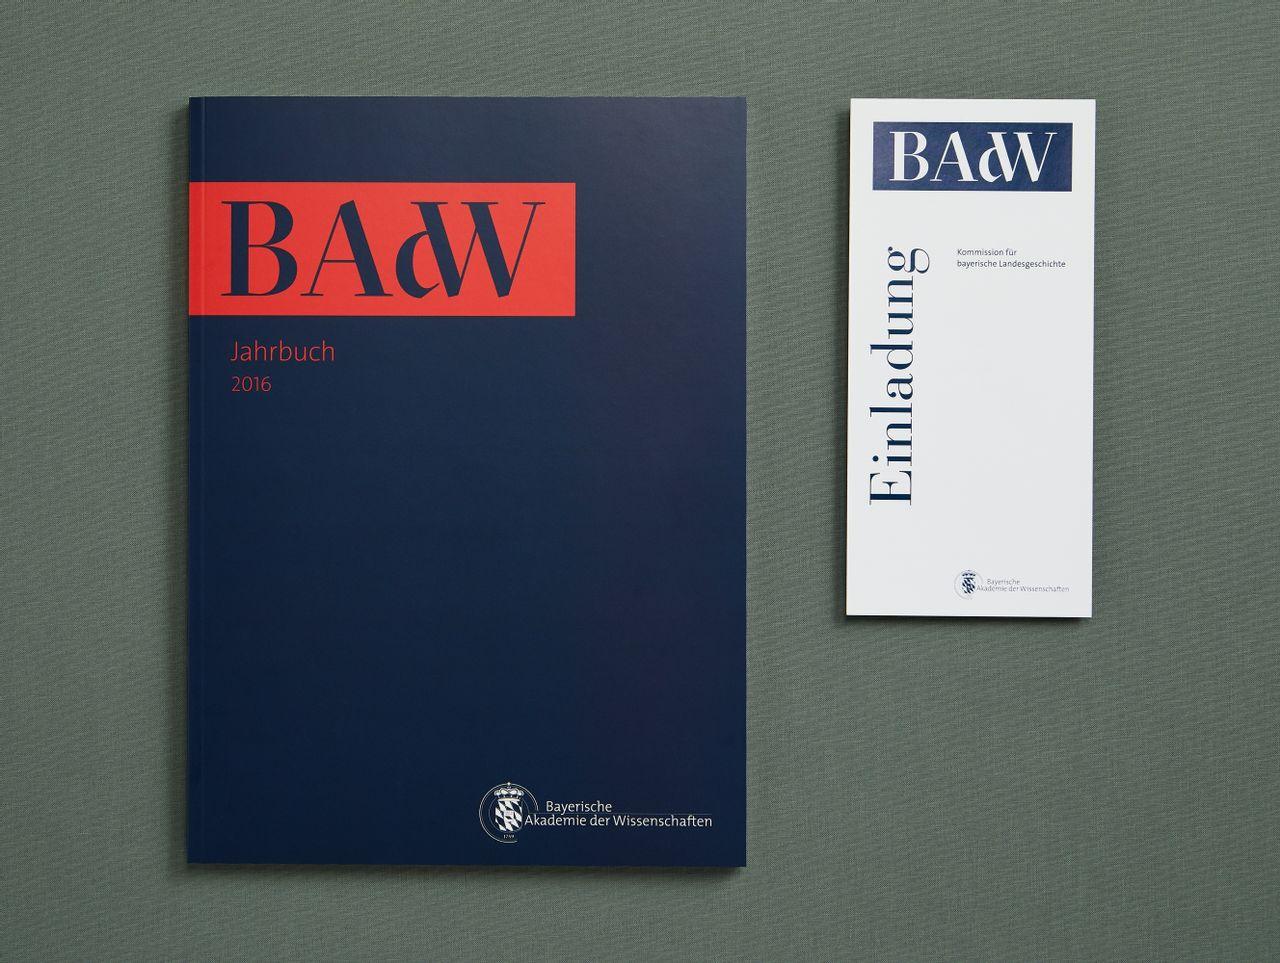 BAdW, Studio Umlaut